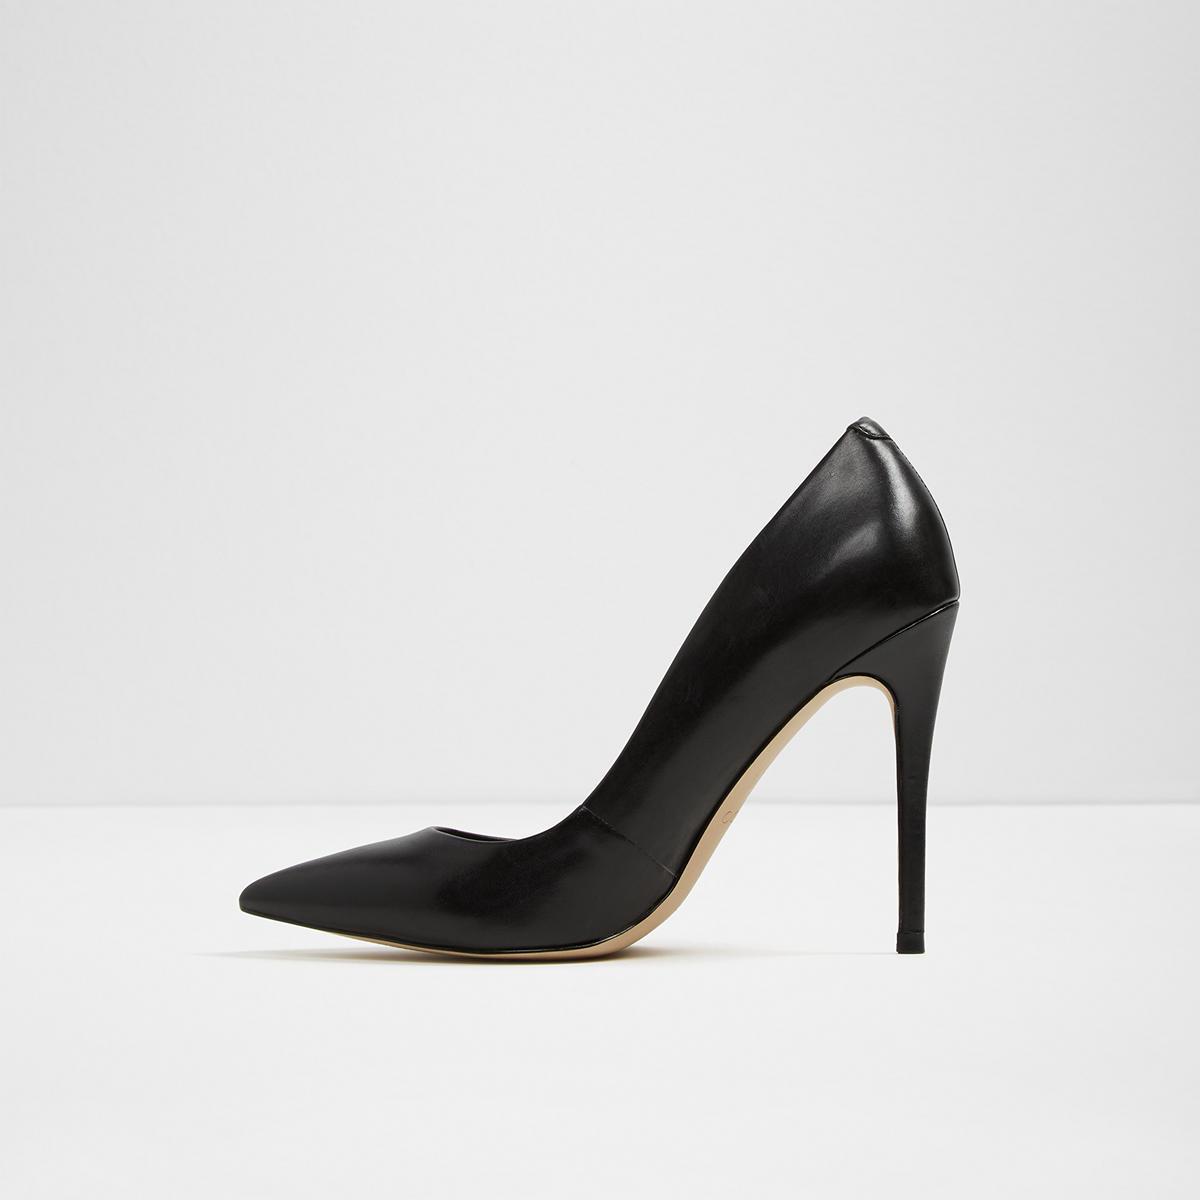 db40950fcd4d Laralilla Black Women s Heels